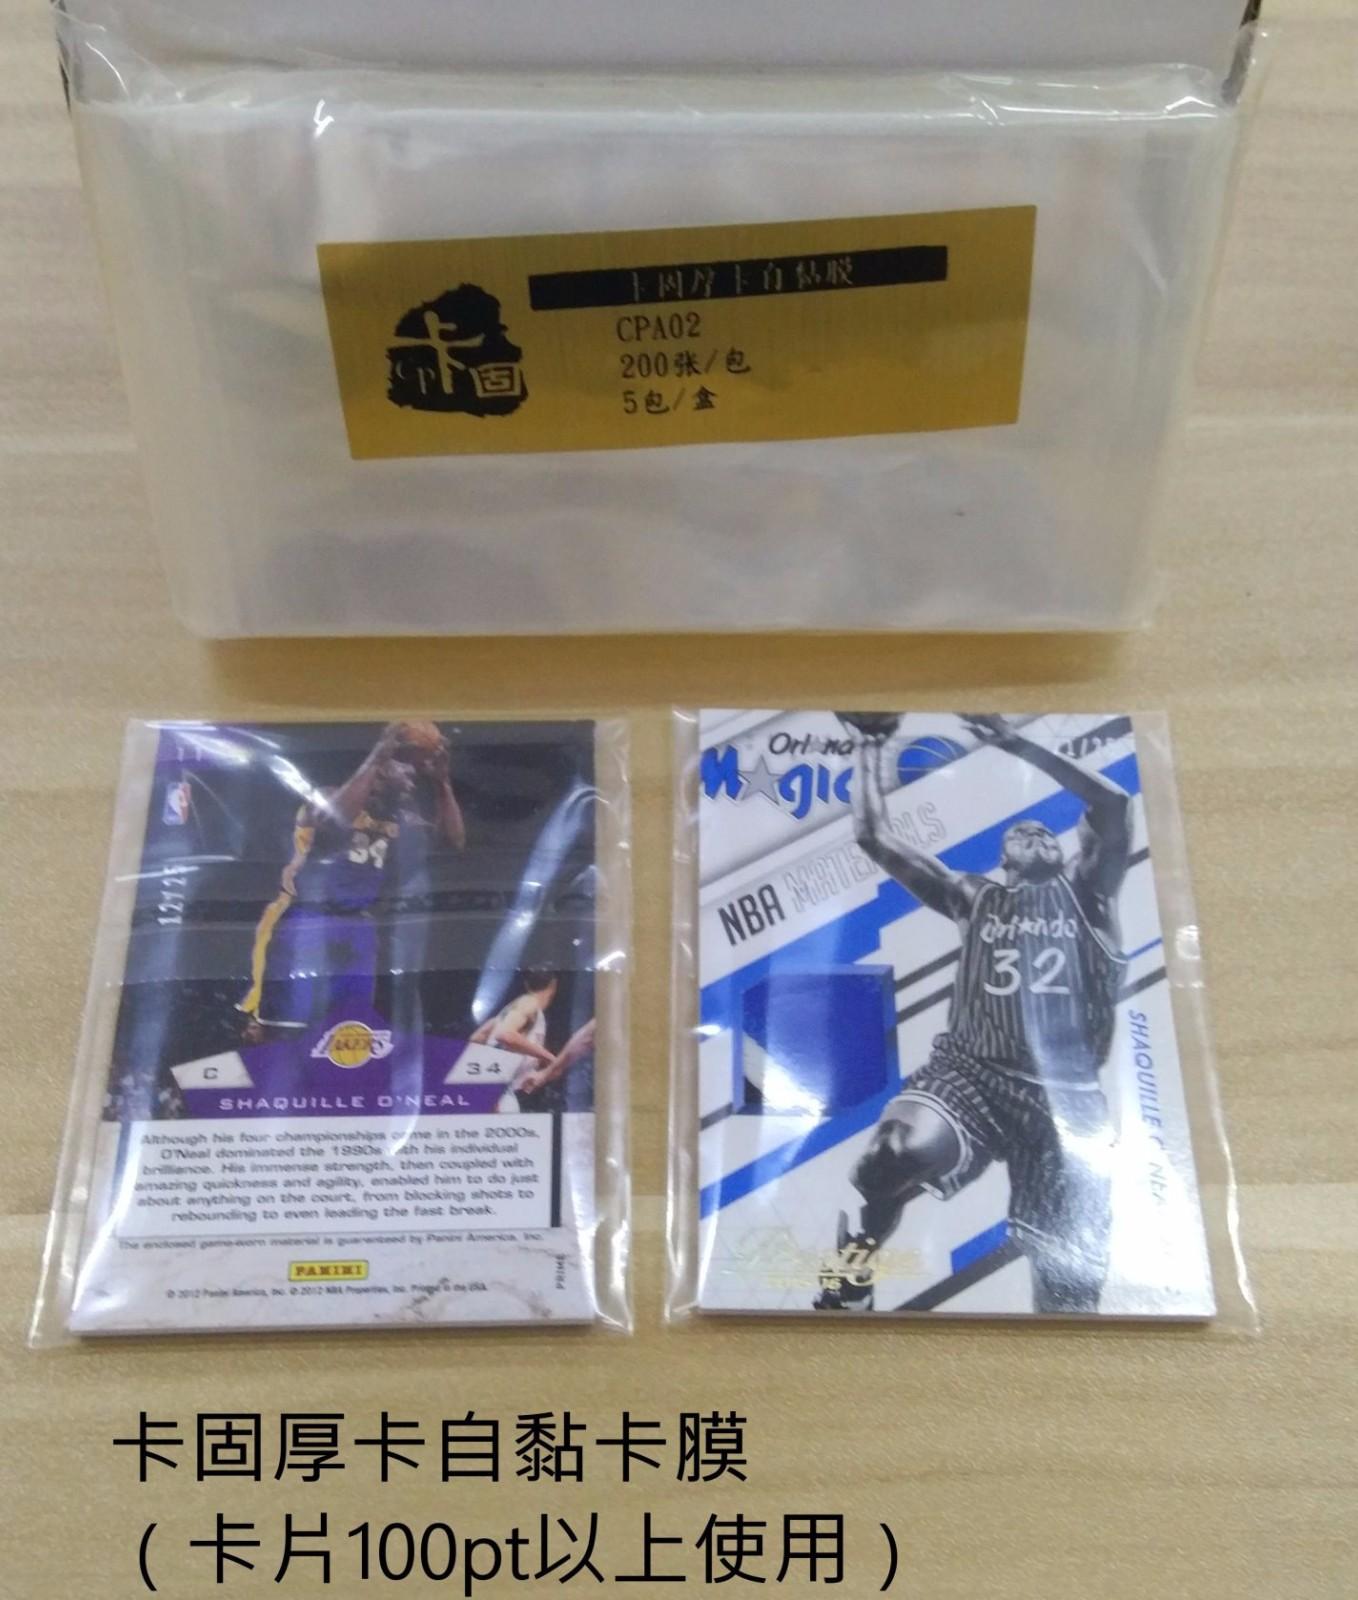 【卡固】CPA02 厚卡自粘膜 200张/包*5包一盒